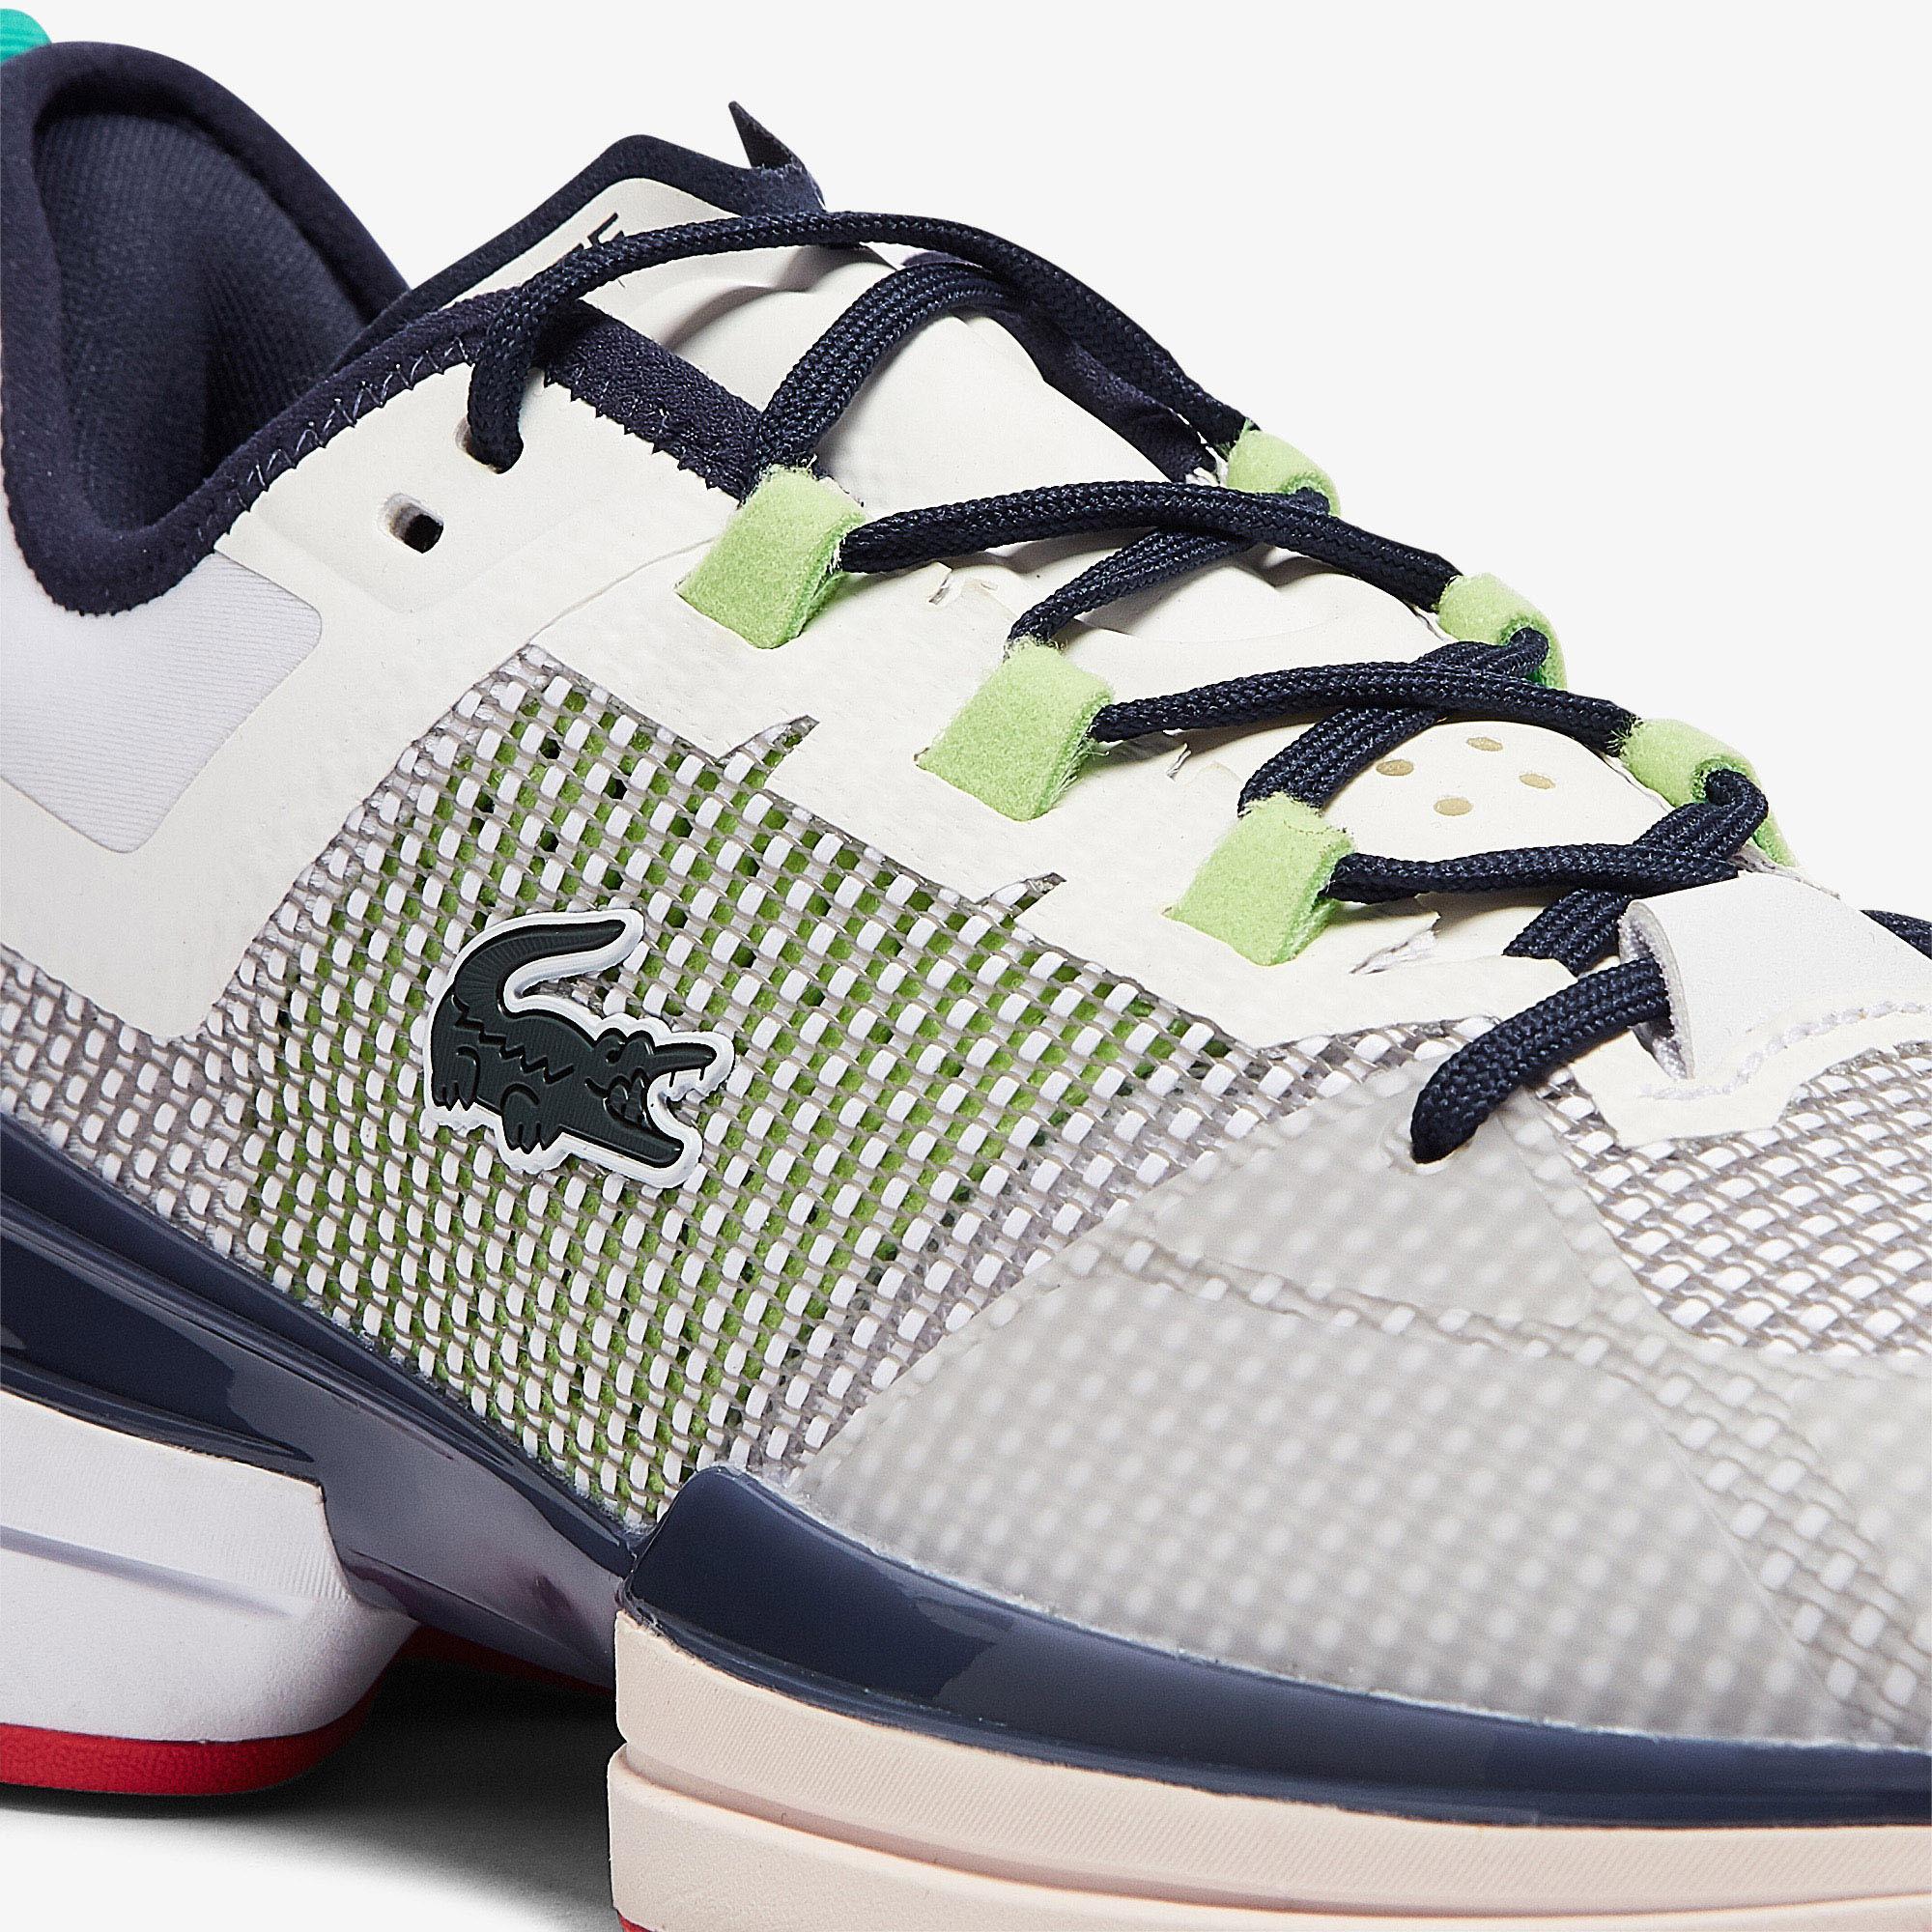 Lacoste Ag-Lt21 Ultra 0921 1 Sma Erkek Beyaz - Mavi Spor Ayakkabı